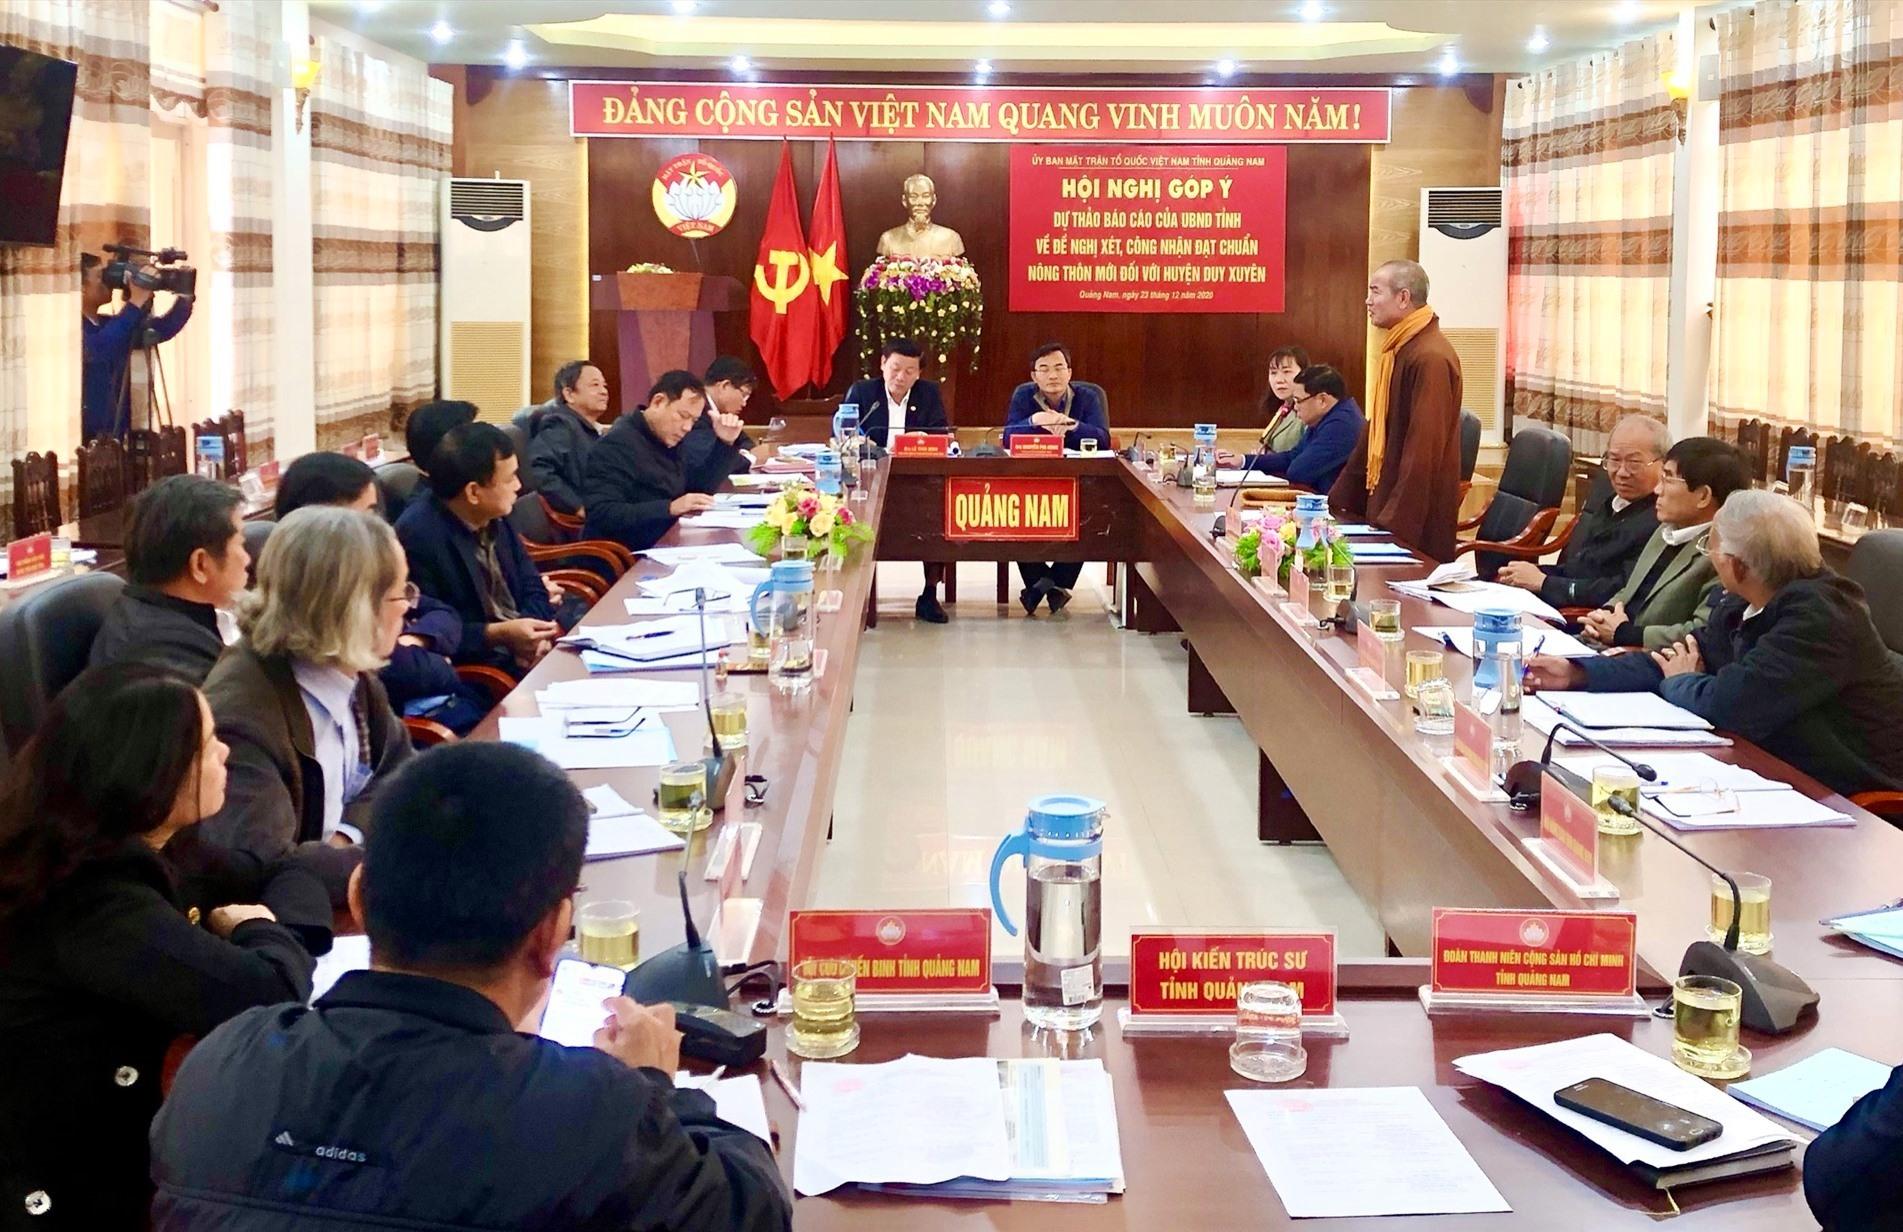 Quang cảnh Hội nghị góp ý dự thảo báo cáo của UBND tỉnh về đề nghị xét, công nhận đạt chuẩn nông thôn mới với huyện Duy Xuyên.